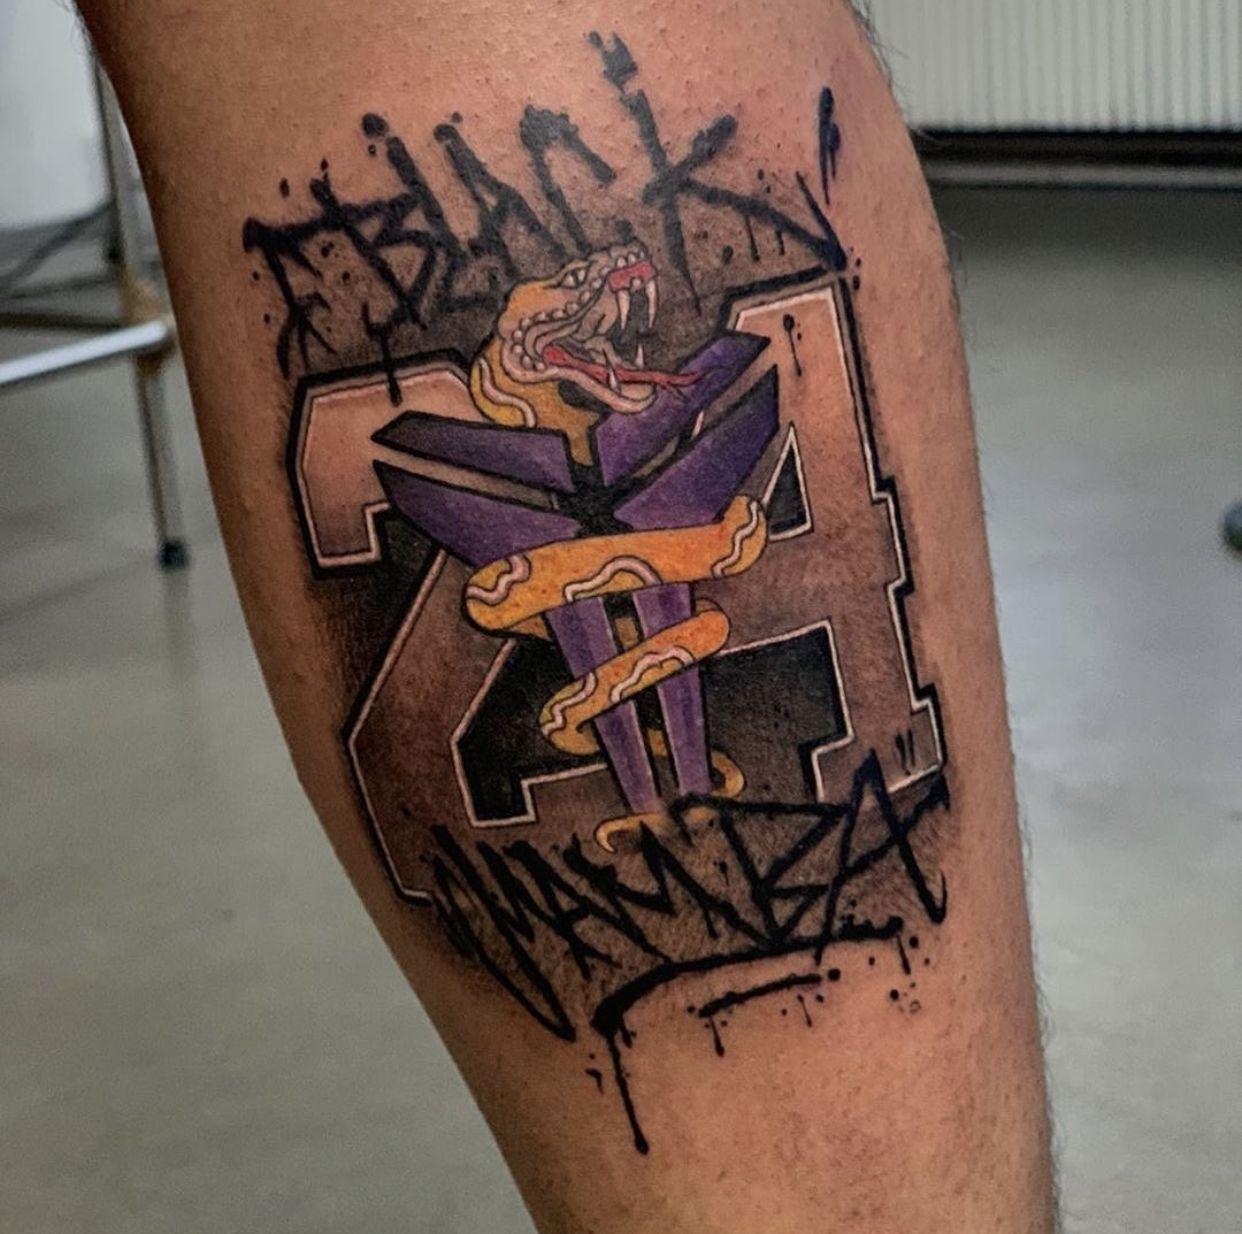 Black Mamba tattoo ideas